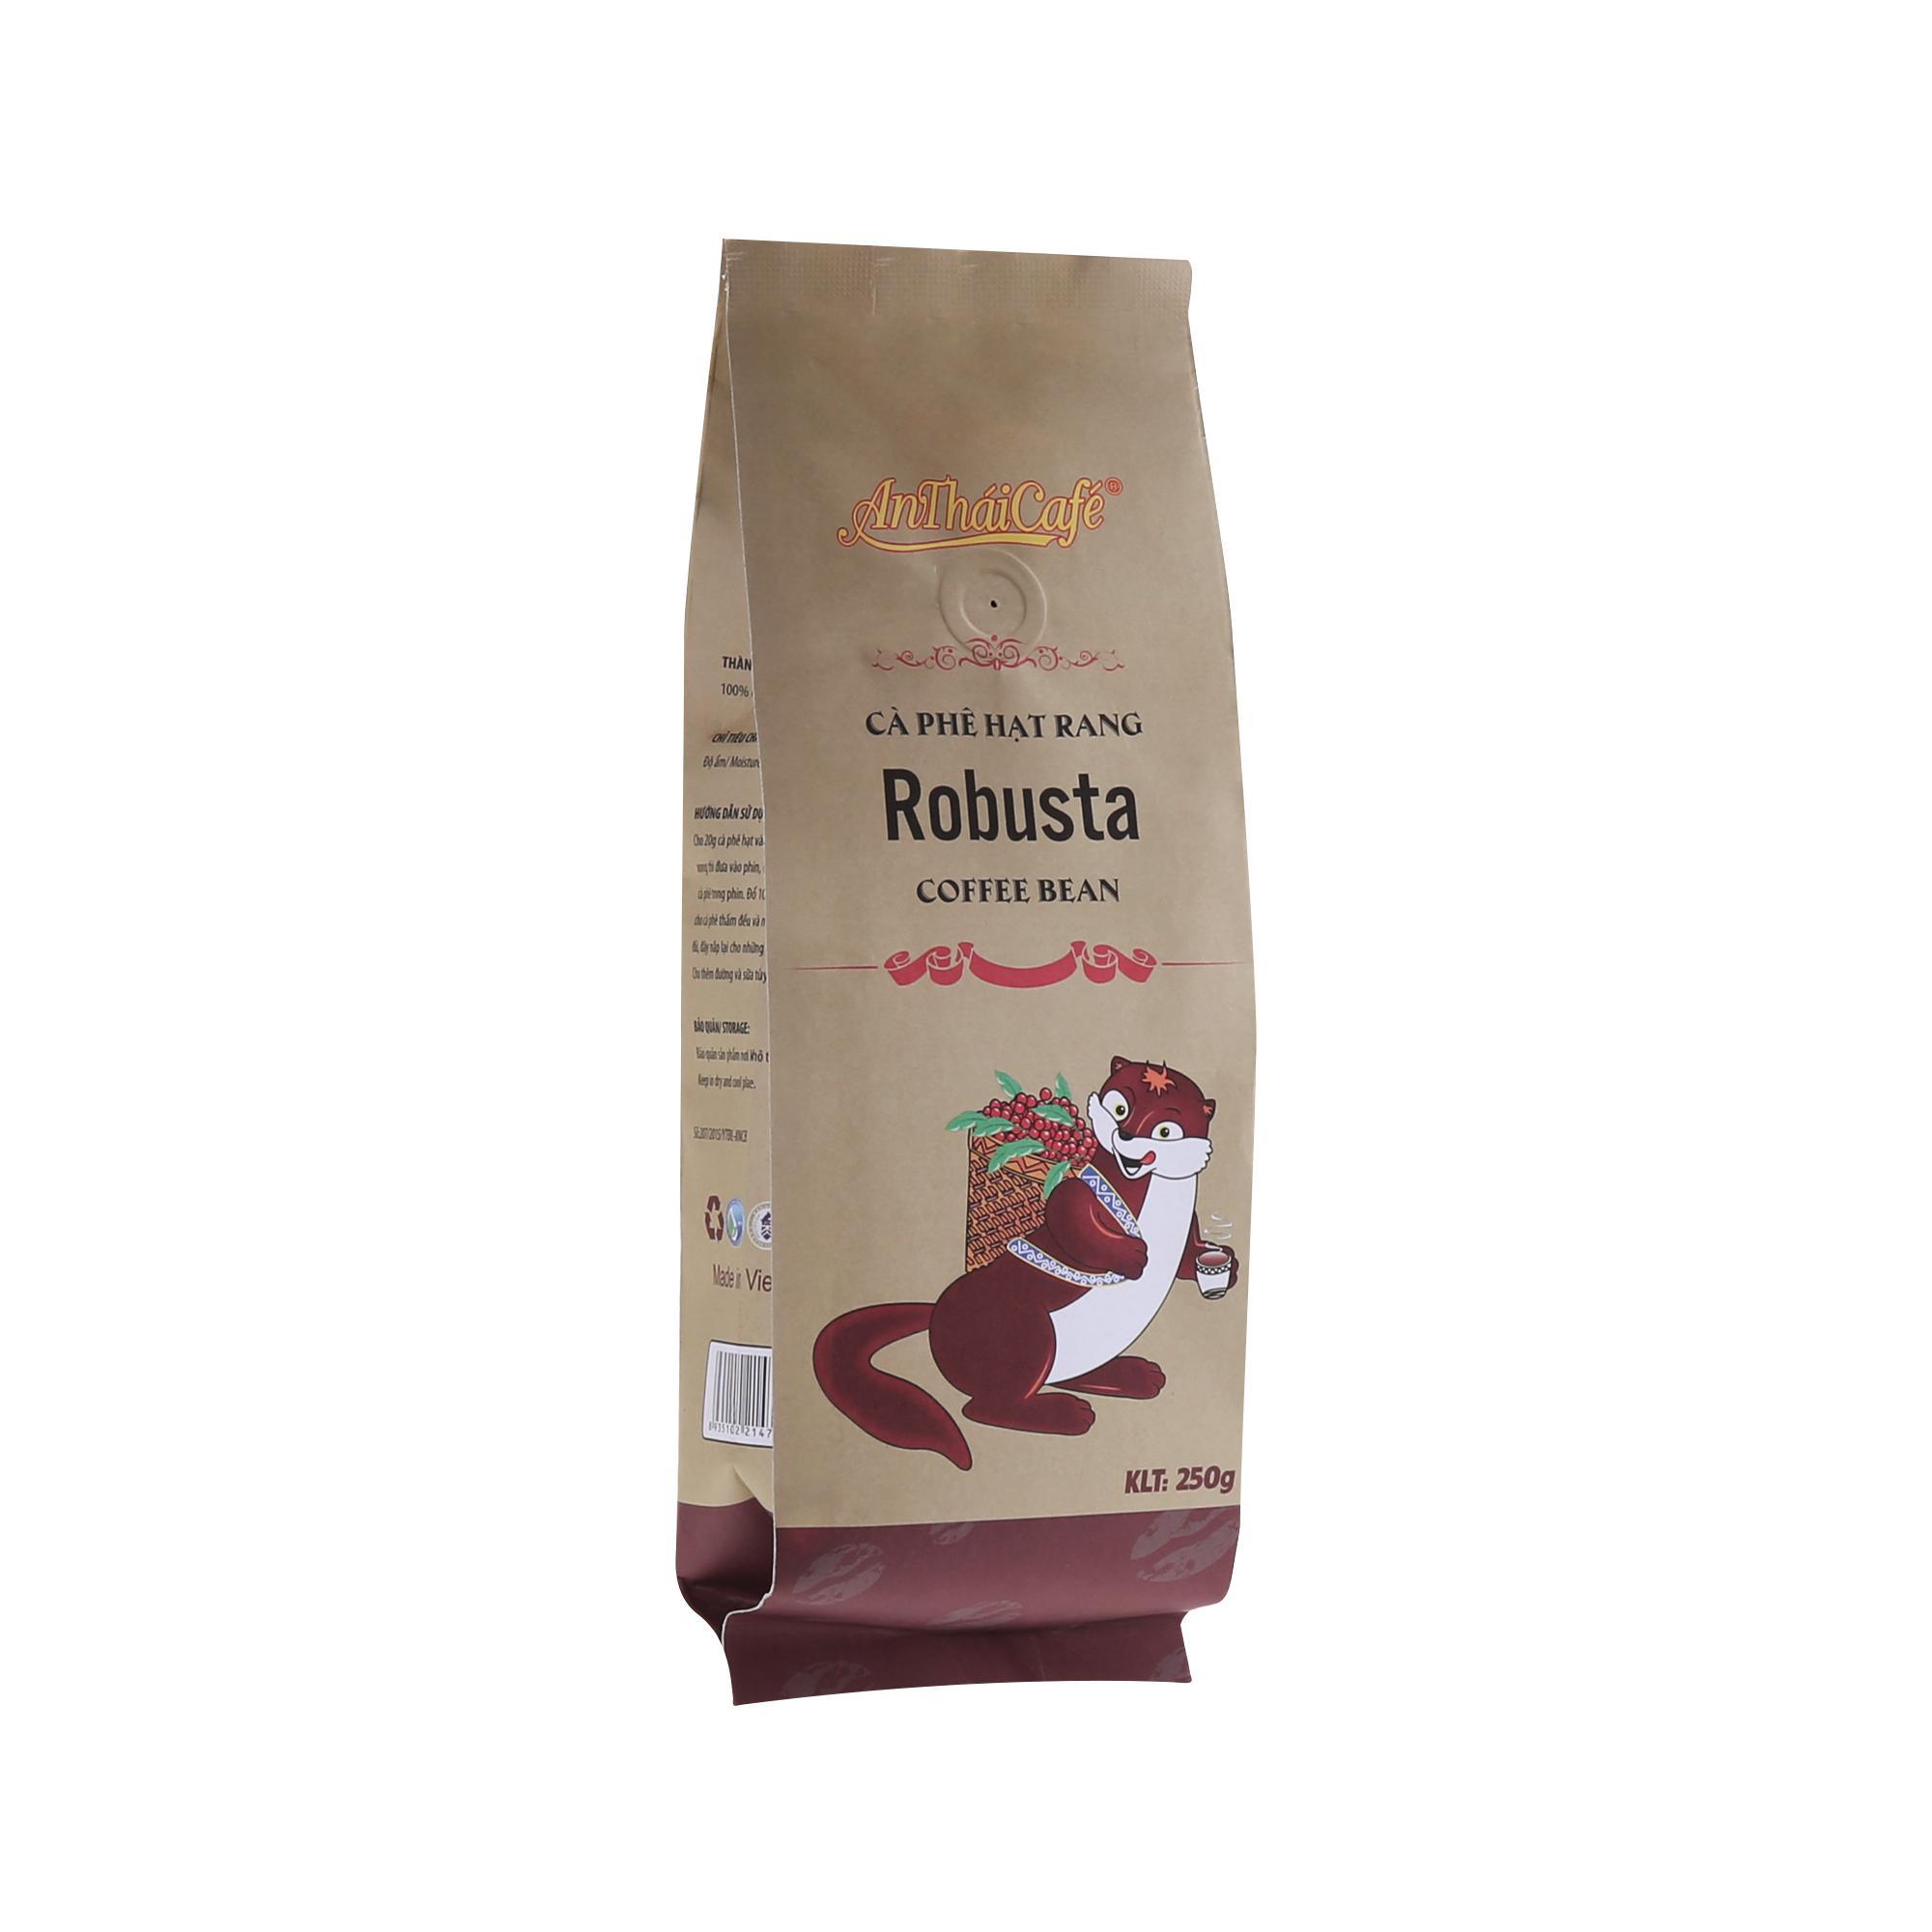 Cà phê hạt rang Robusta AnTháiCafé - Túi 250g